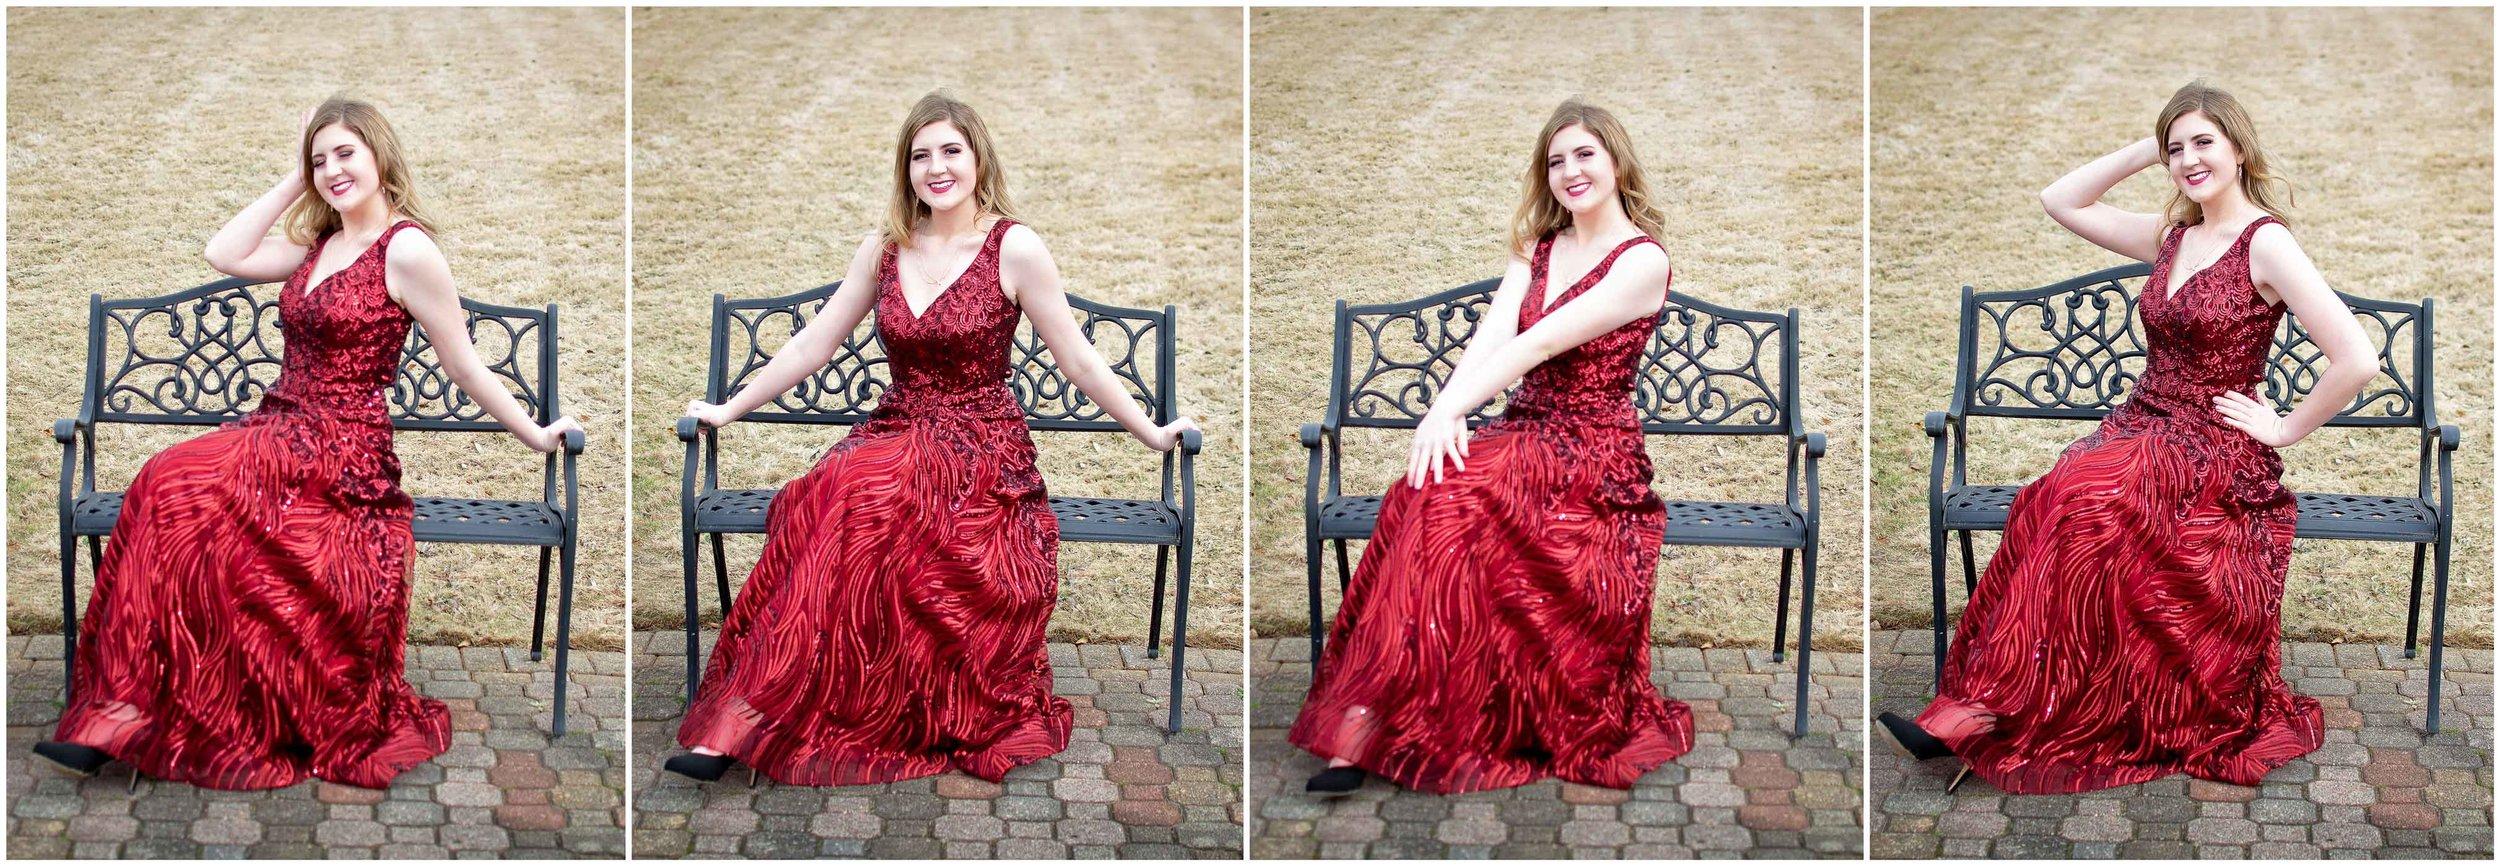 Hannah-four-frame-sm.jpg